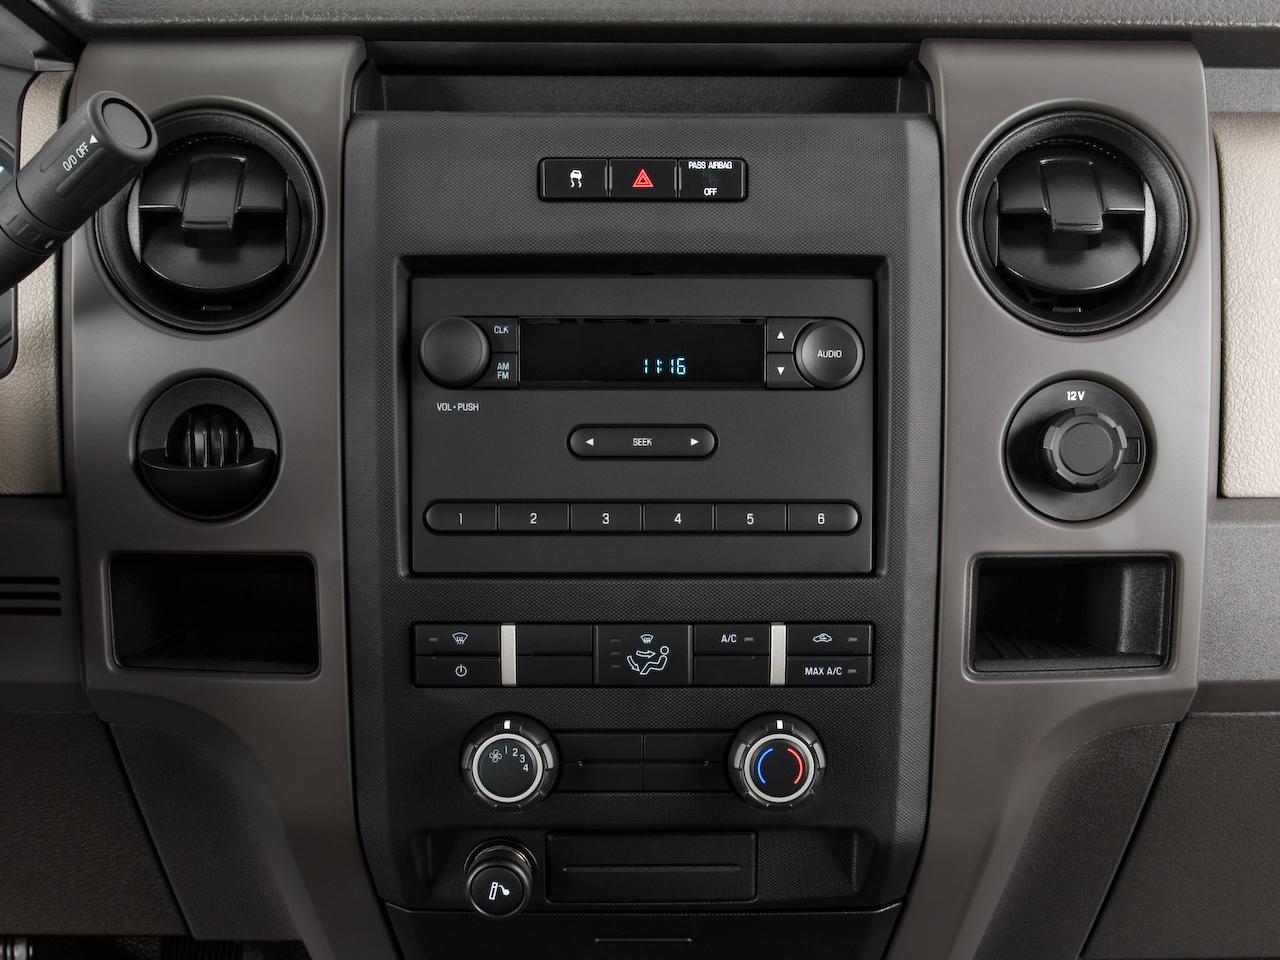 2009 Ford F 150 Platinum Lariat 4x4 Fullsize Pickup Truck Circuit Board Bronco Interior Dash Instrument 62 75